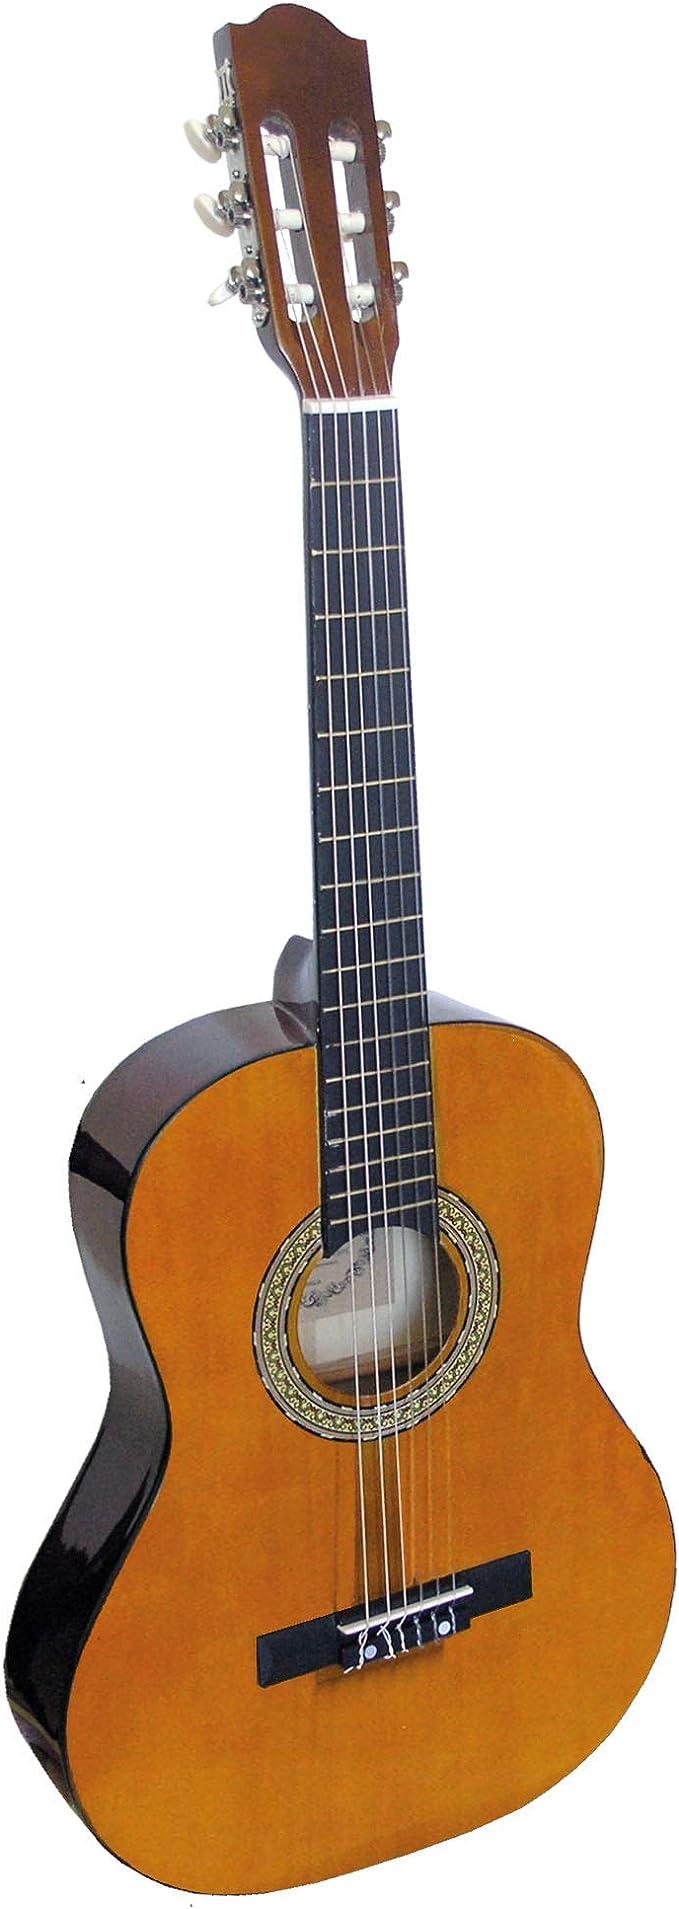 Guitarra clásica 4/4 Sevilla: Amazon.es: Instrumentos musicales